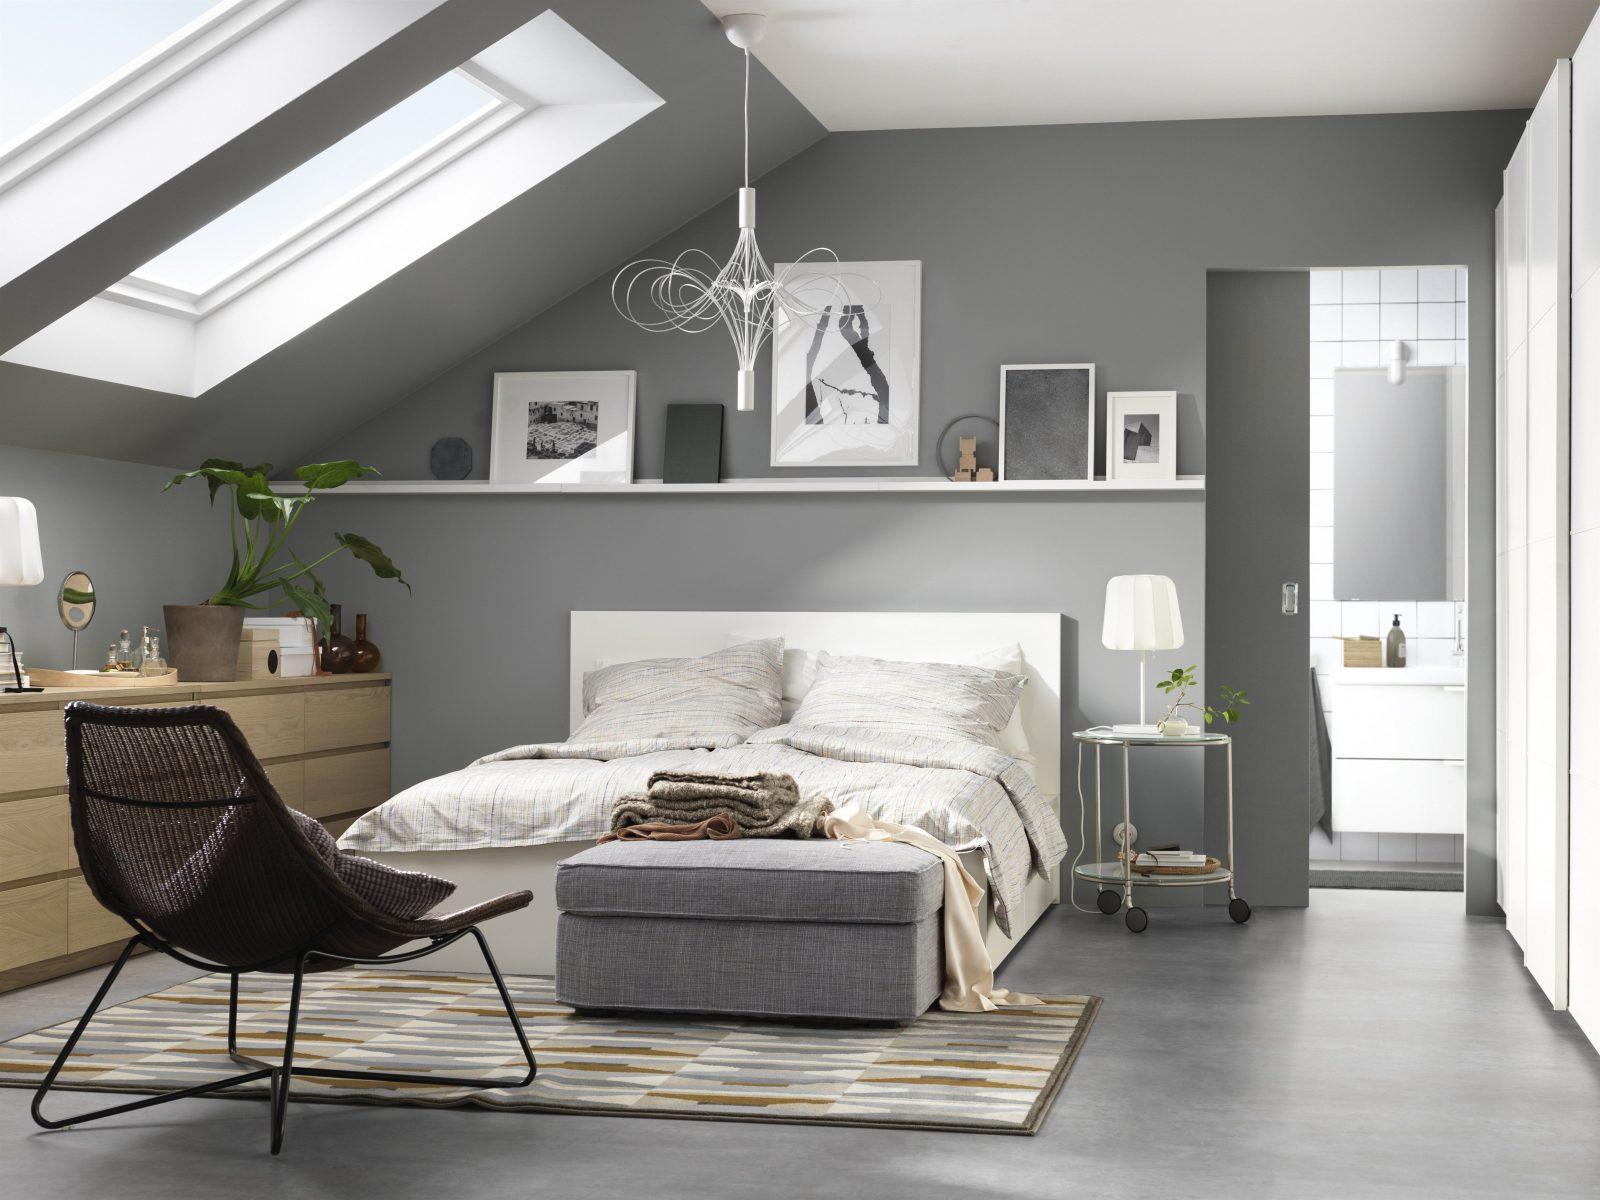 Faszinierend Kleine Zimmer Einrichten Ikea Ikea Wohnideen Kleine von Wohnideen Für Kleine Zimmer Bild